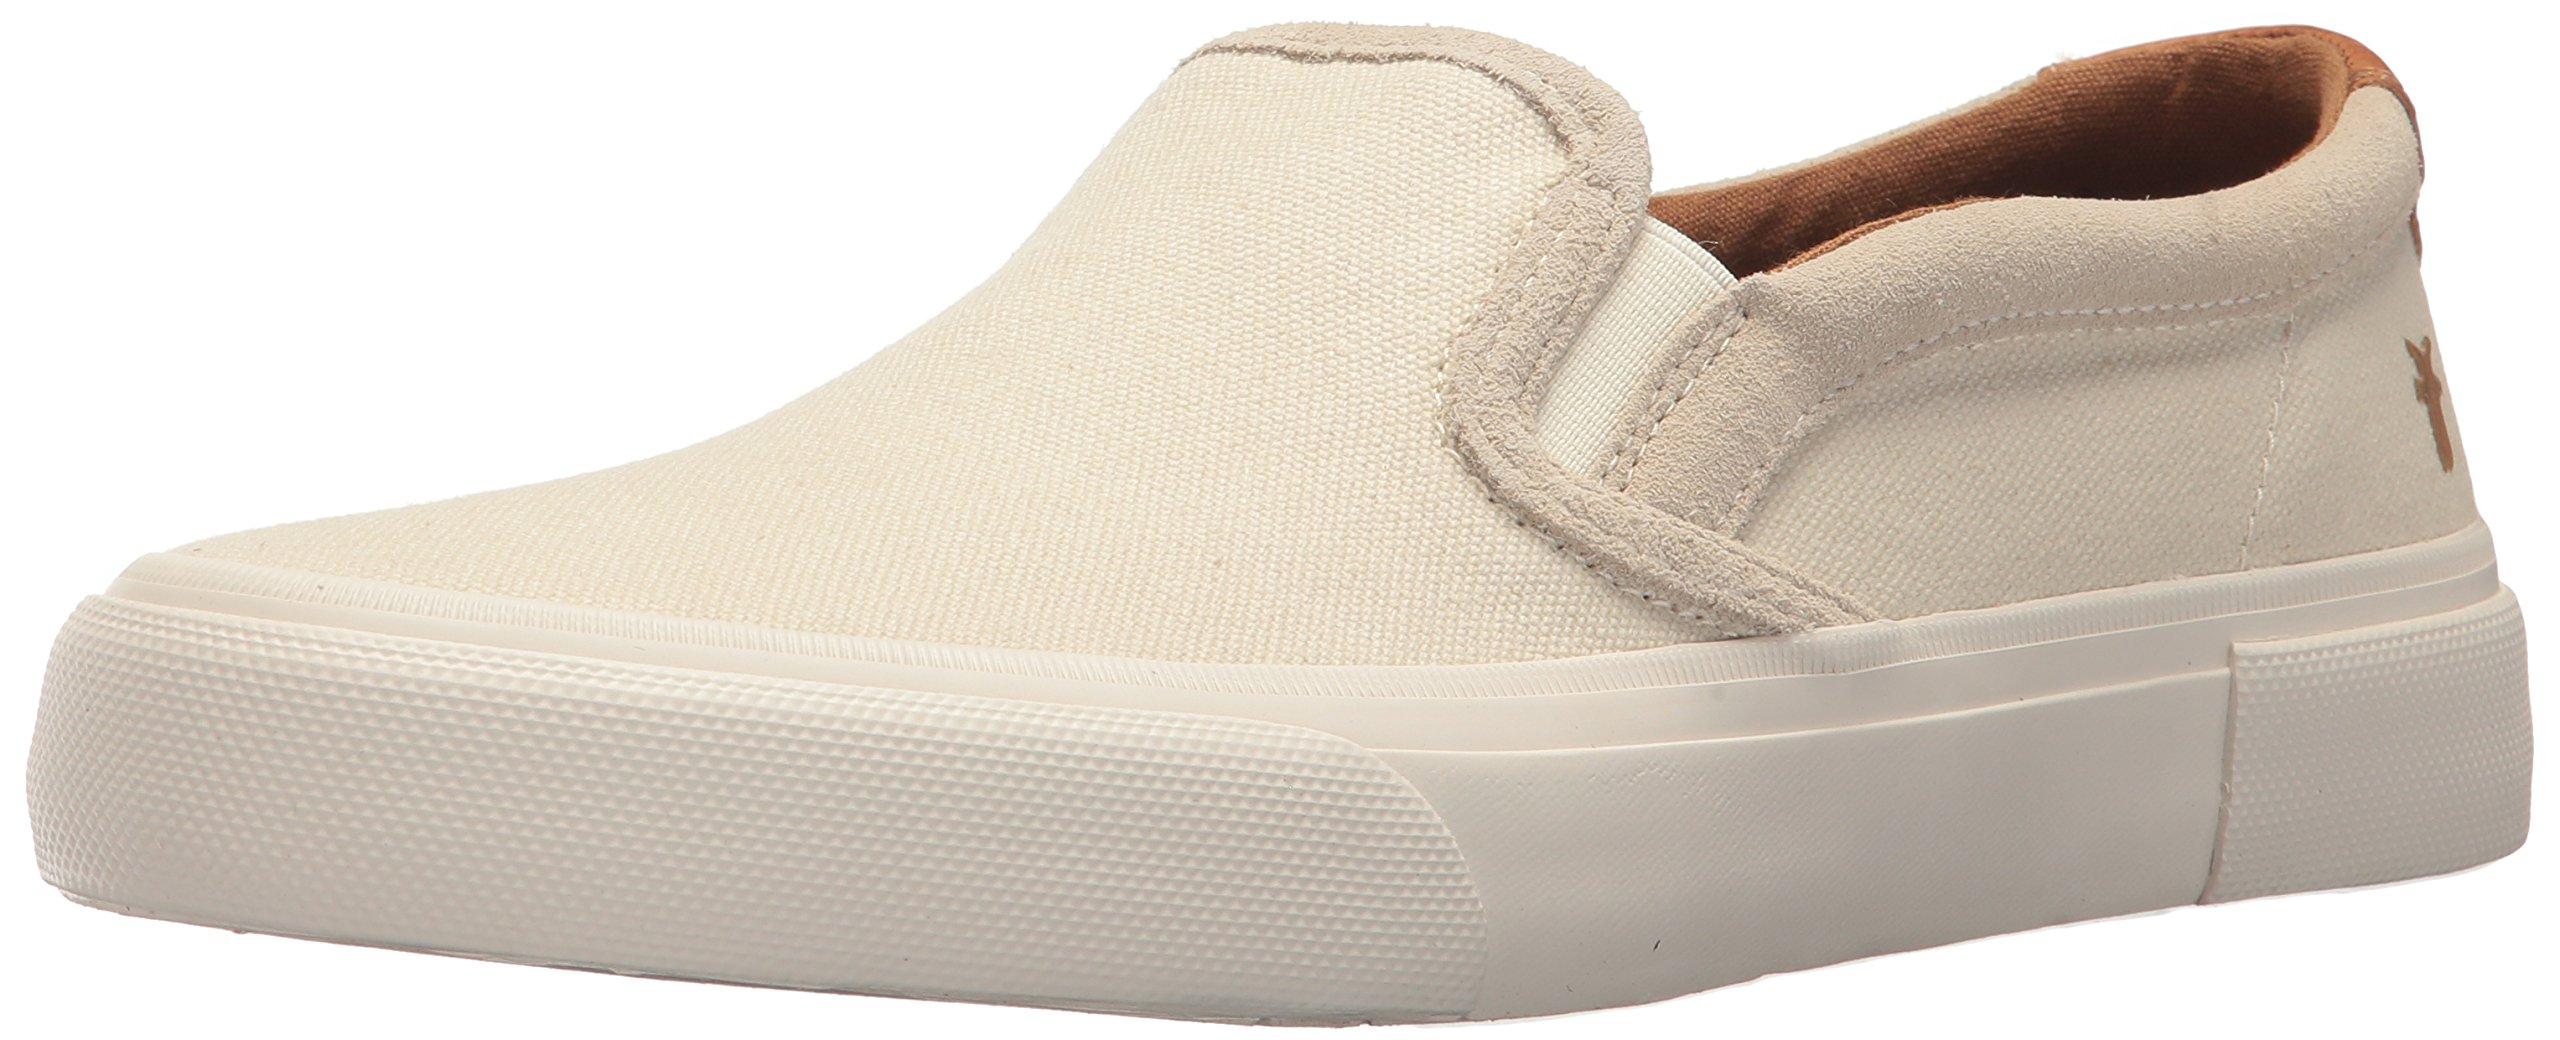 FRYE Men's Ludlow Slip On Sneaker, Off White, 11 M M US